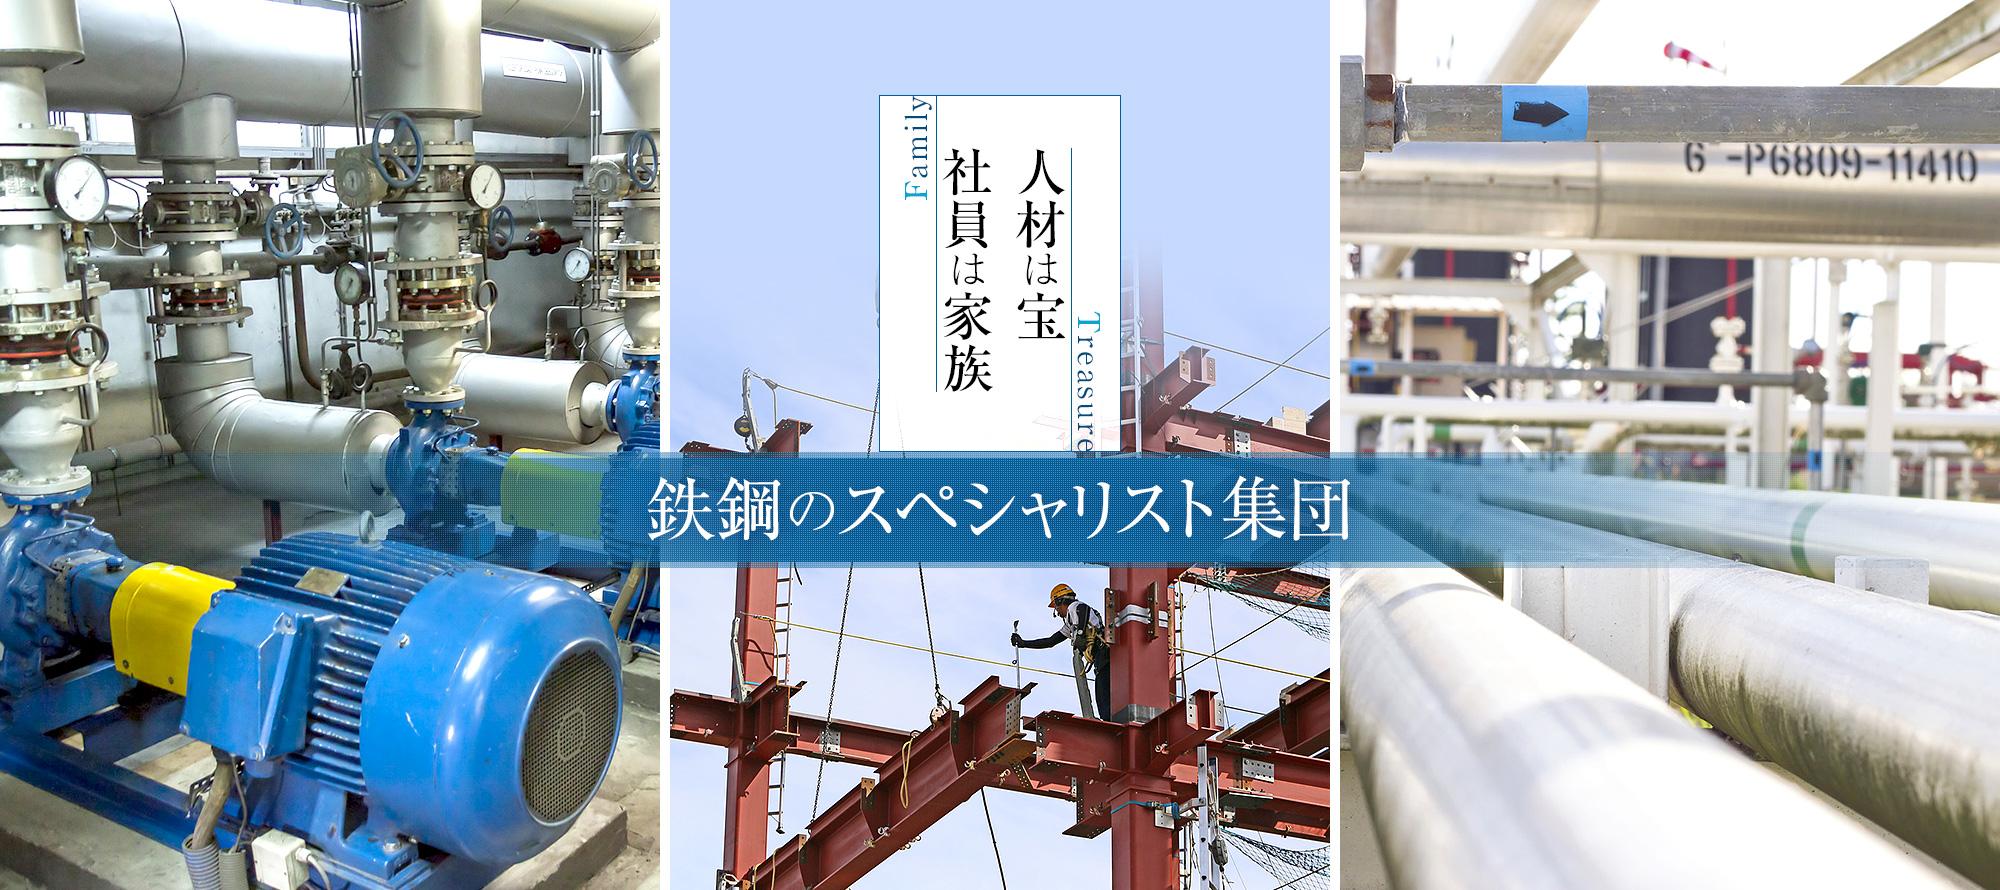 鋼鉄のスペシャリスト集団 日乃出工業